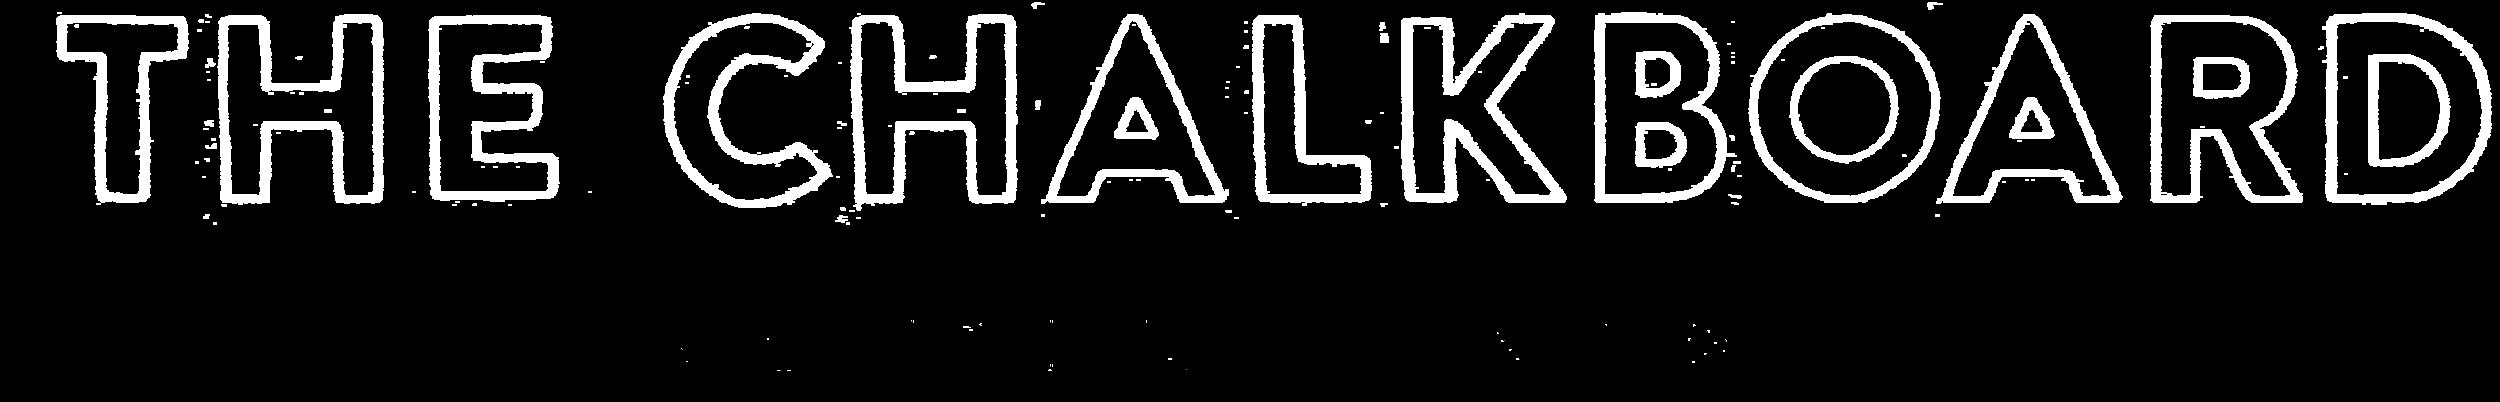 chalkboard-header.png